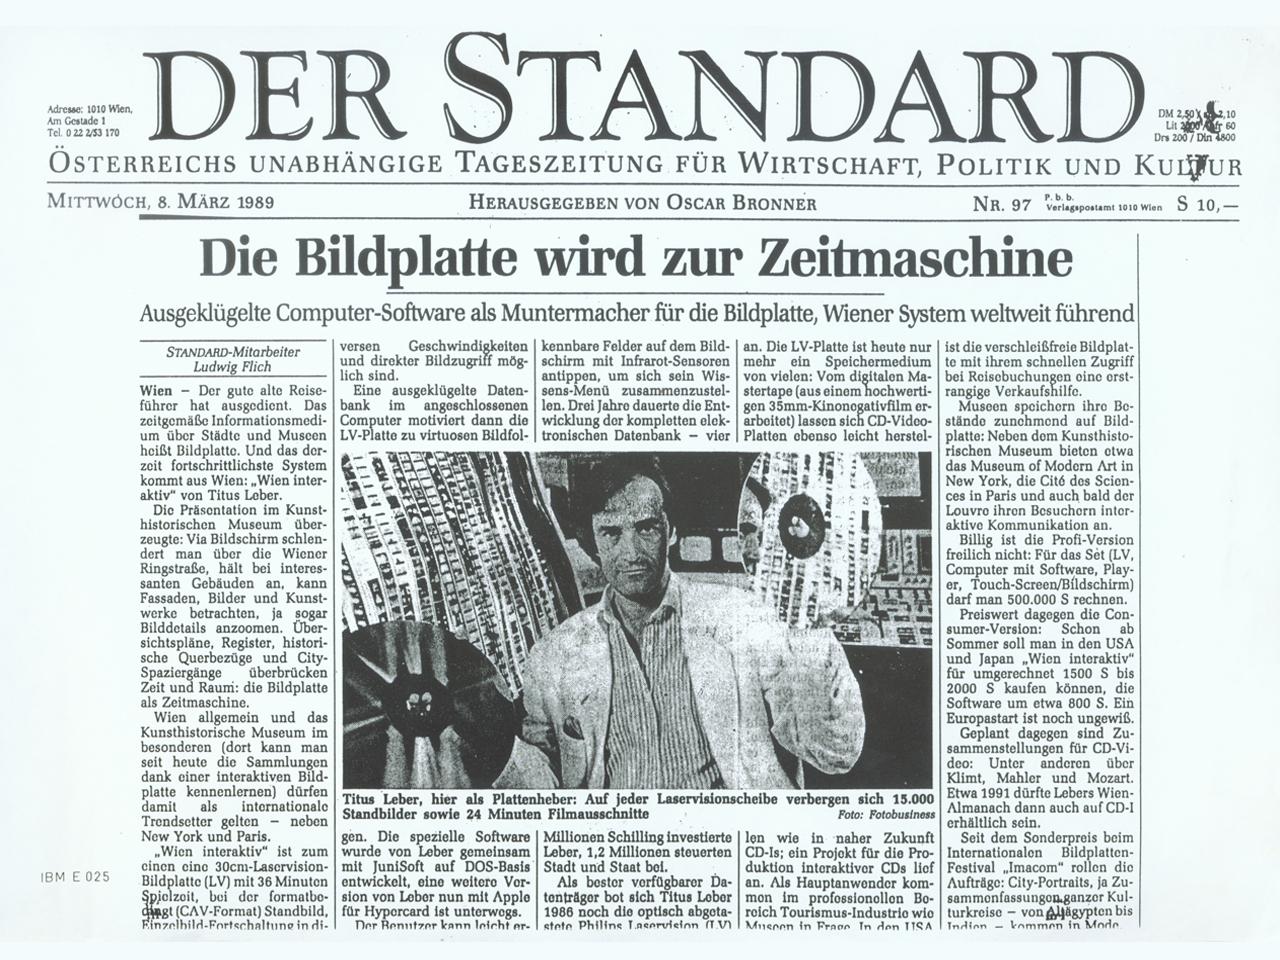 Der-Standard-Wien-Die-Bildplatte-wird-zur-Zeitmaschine-1989.jpg